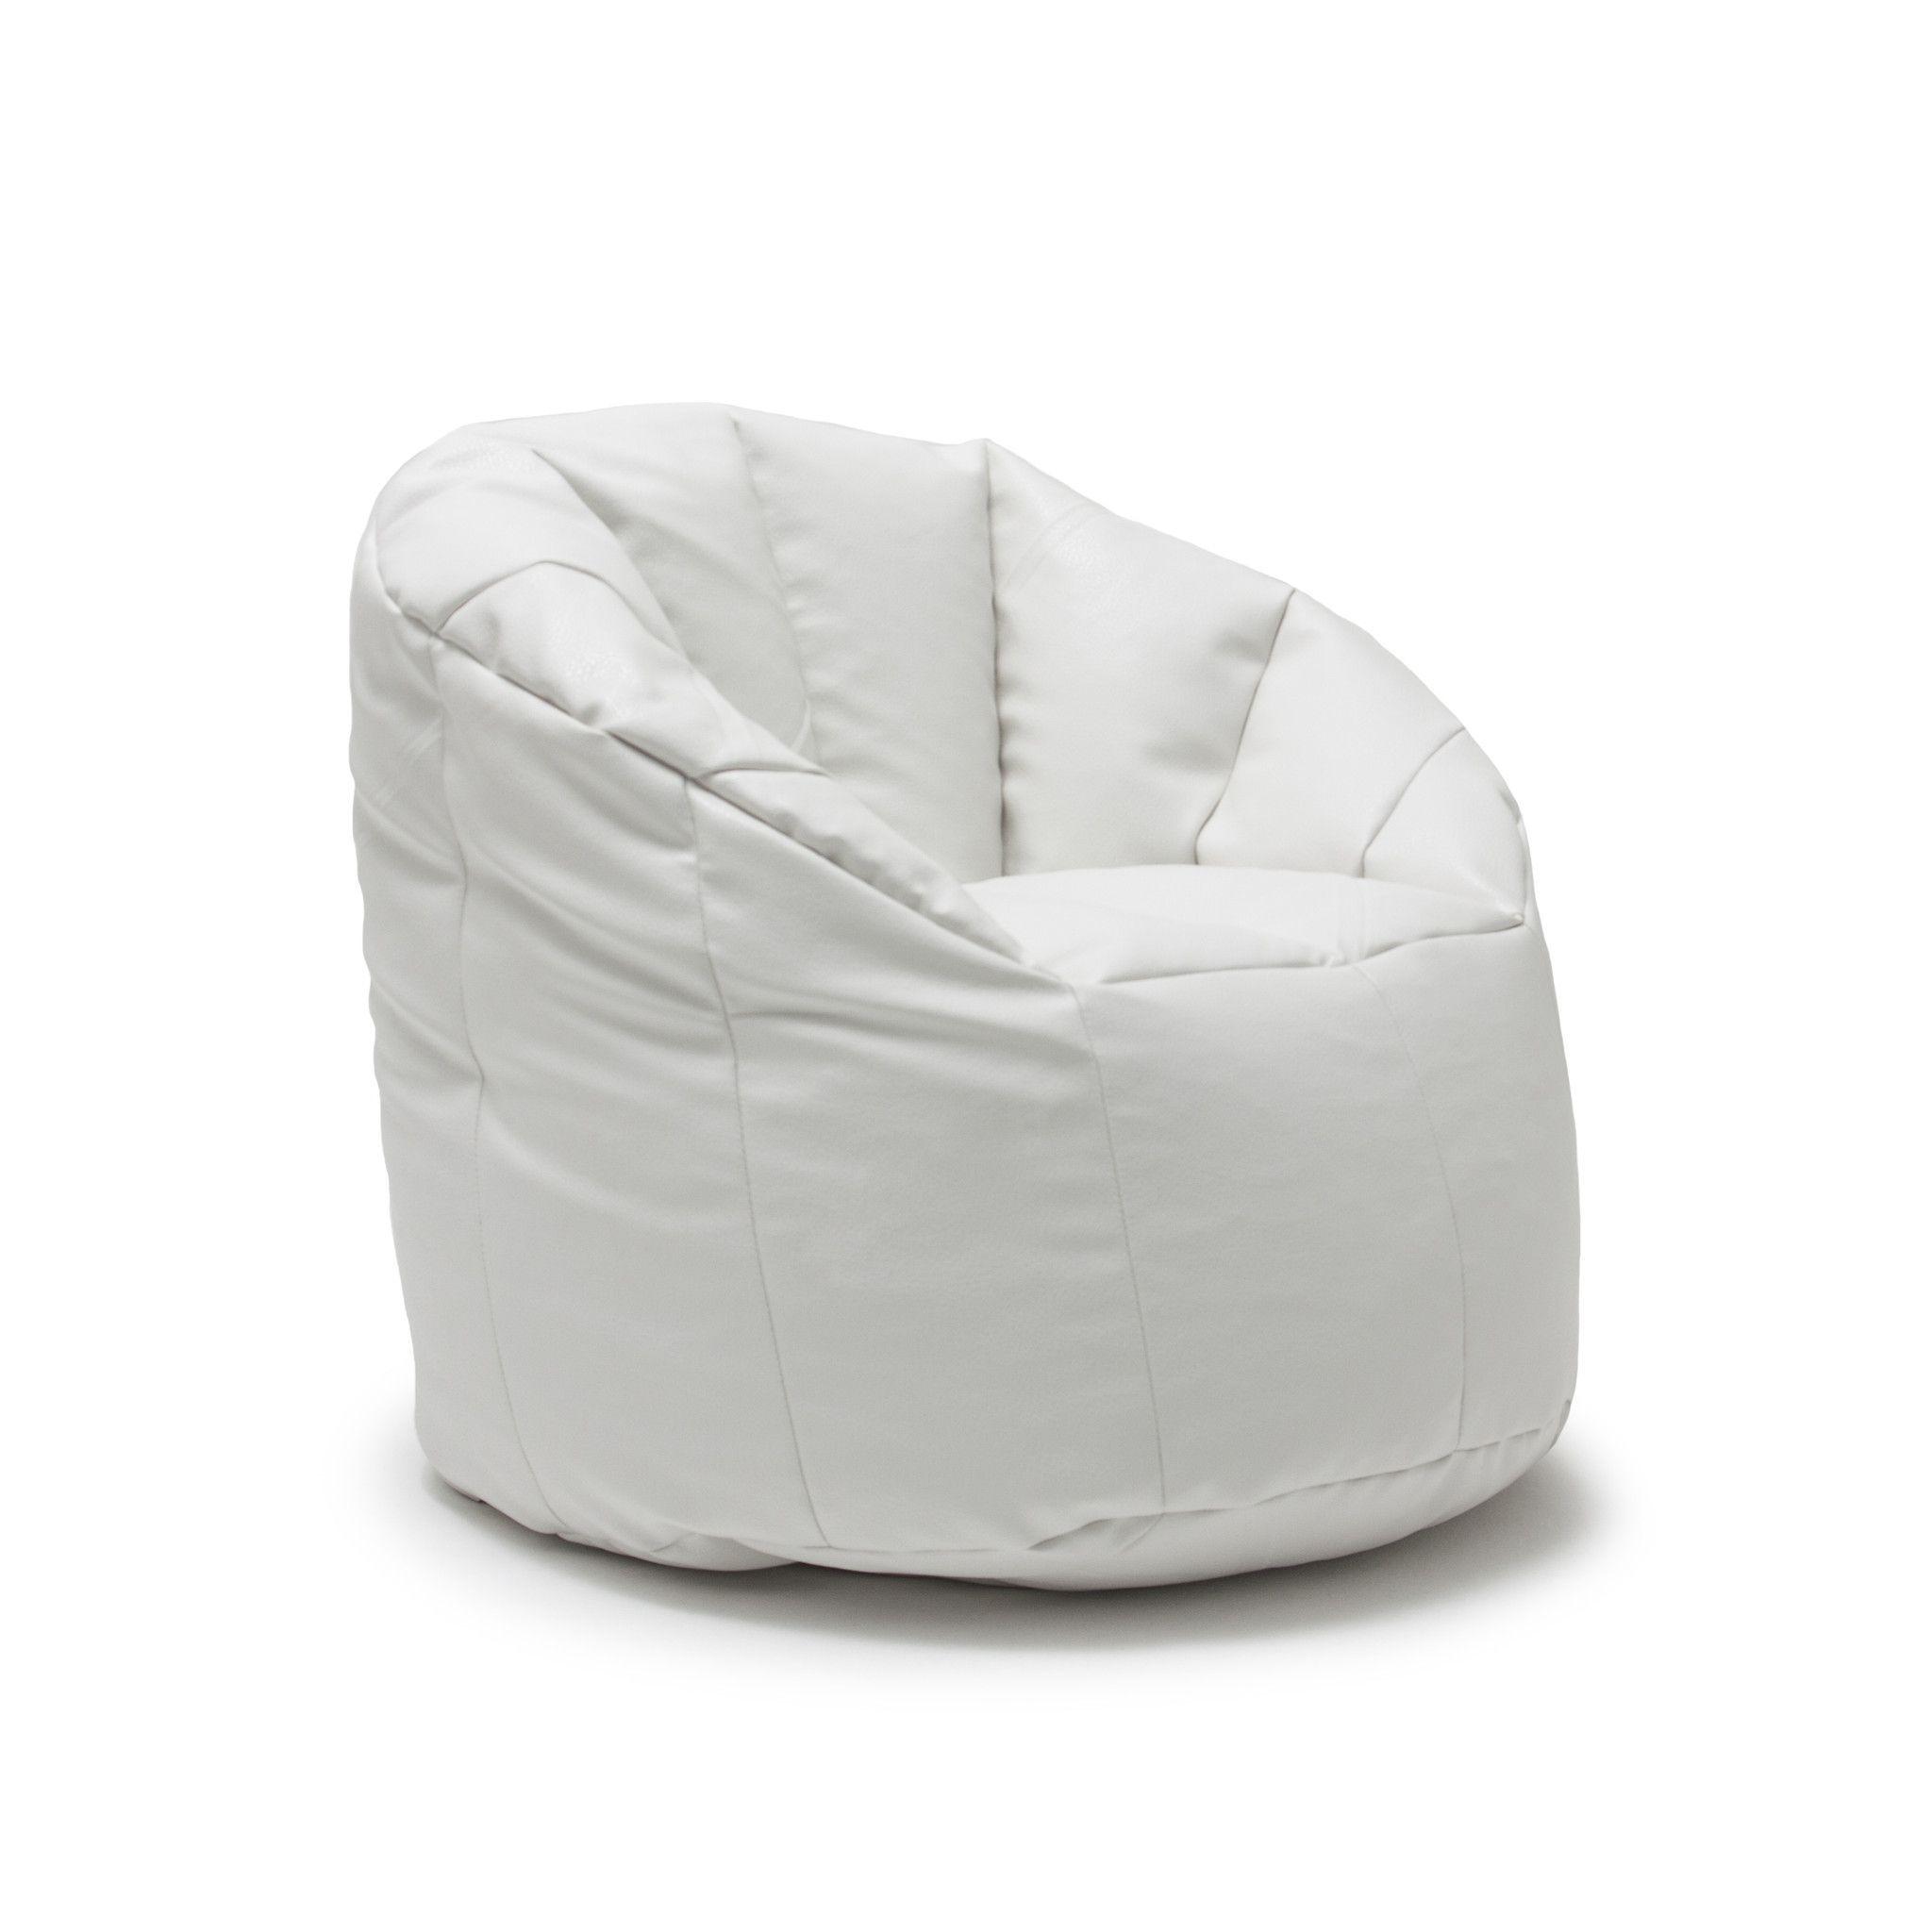 Phenomenal Big Joe White Vegan Milano Chair Bean Bag Chairs Bean Cjindustries Chair Design For Home Cjindustriesco